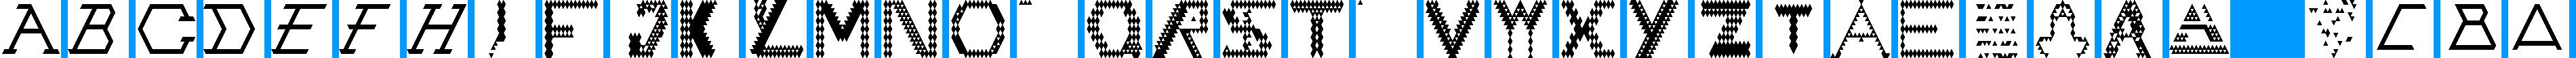 Particip-a-type v.206